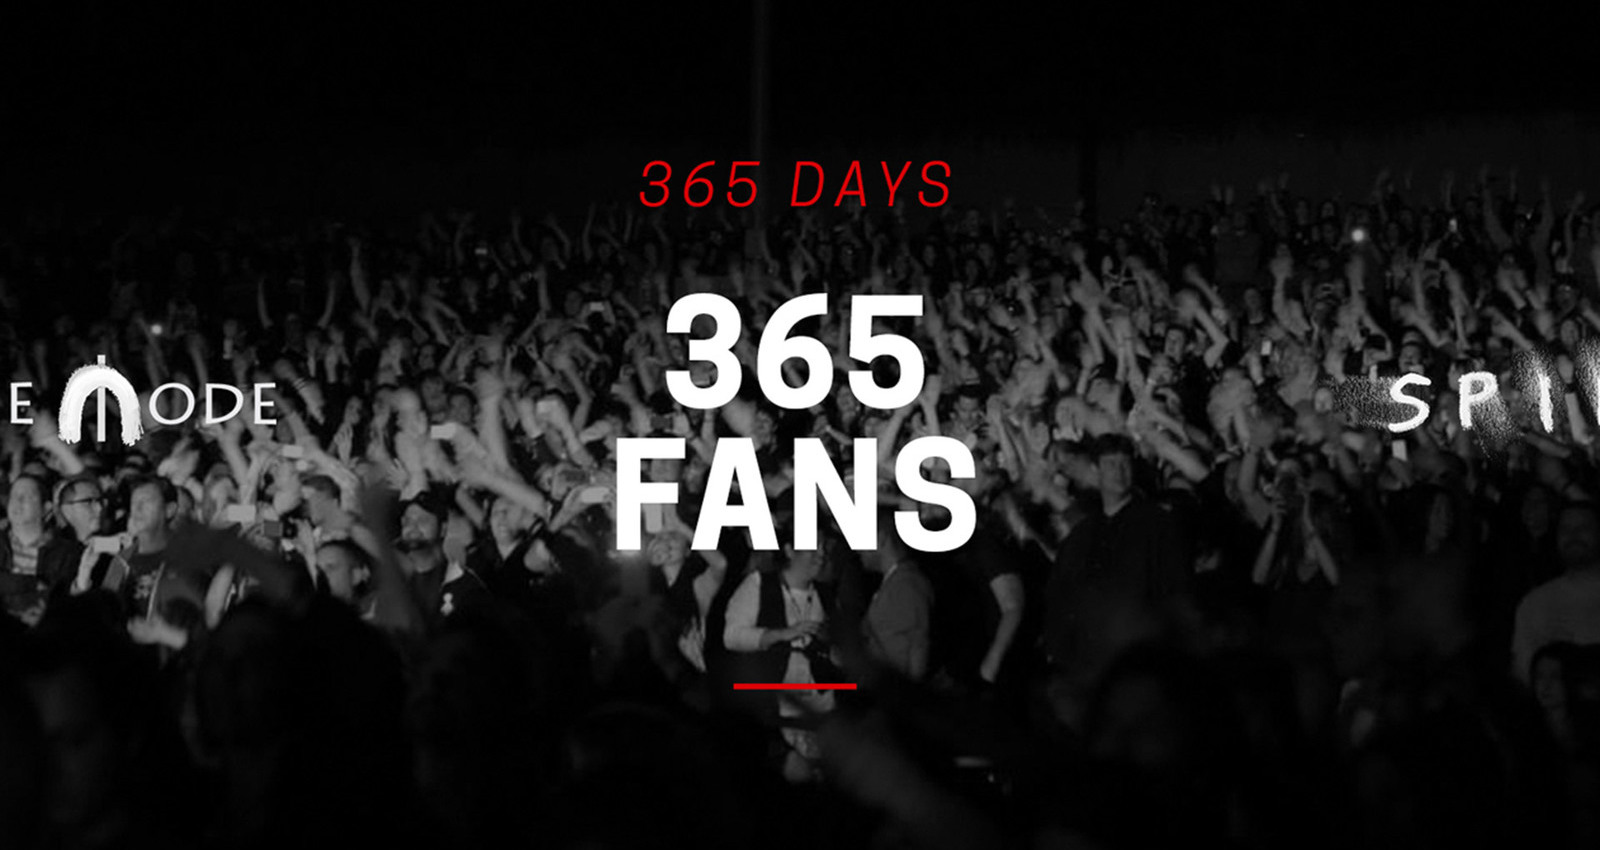 Depeche Mode: 365 Days, 365 Fans